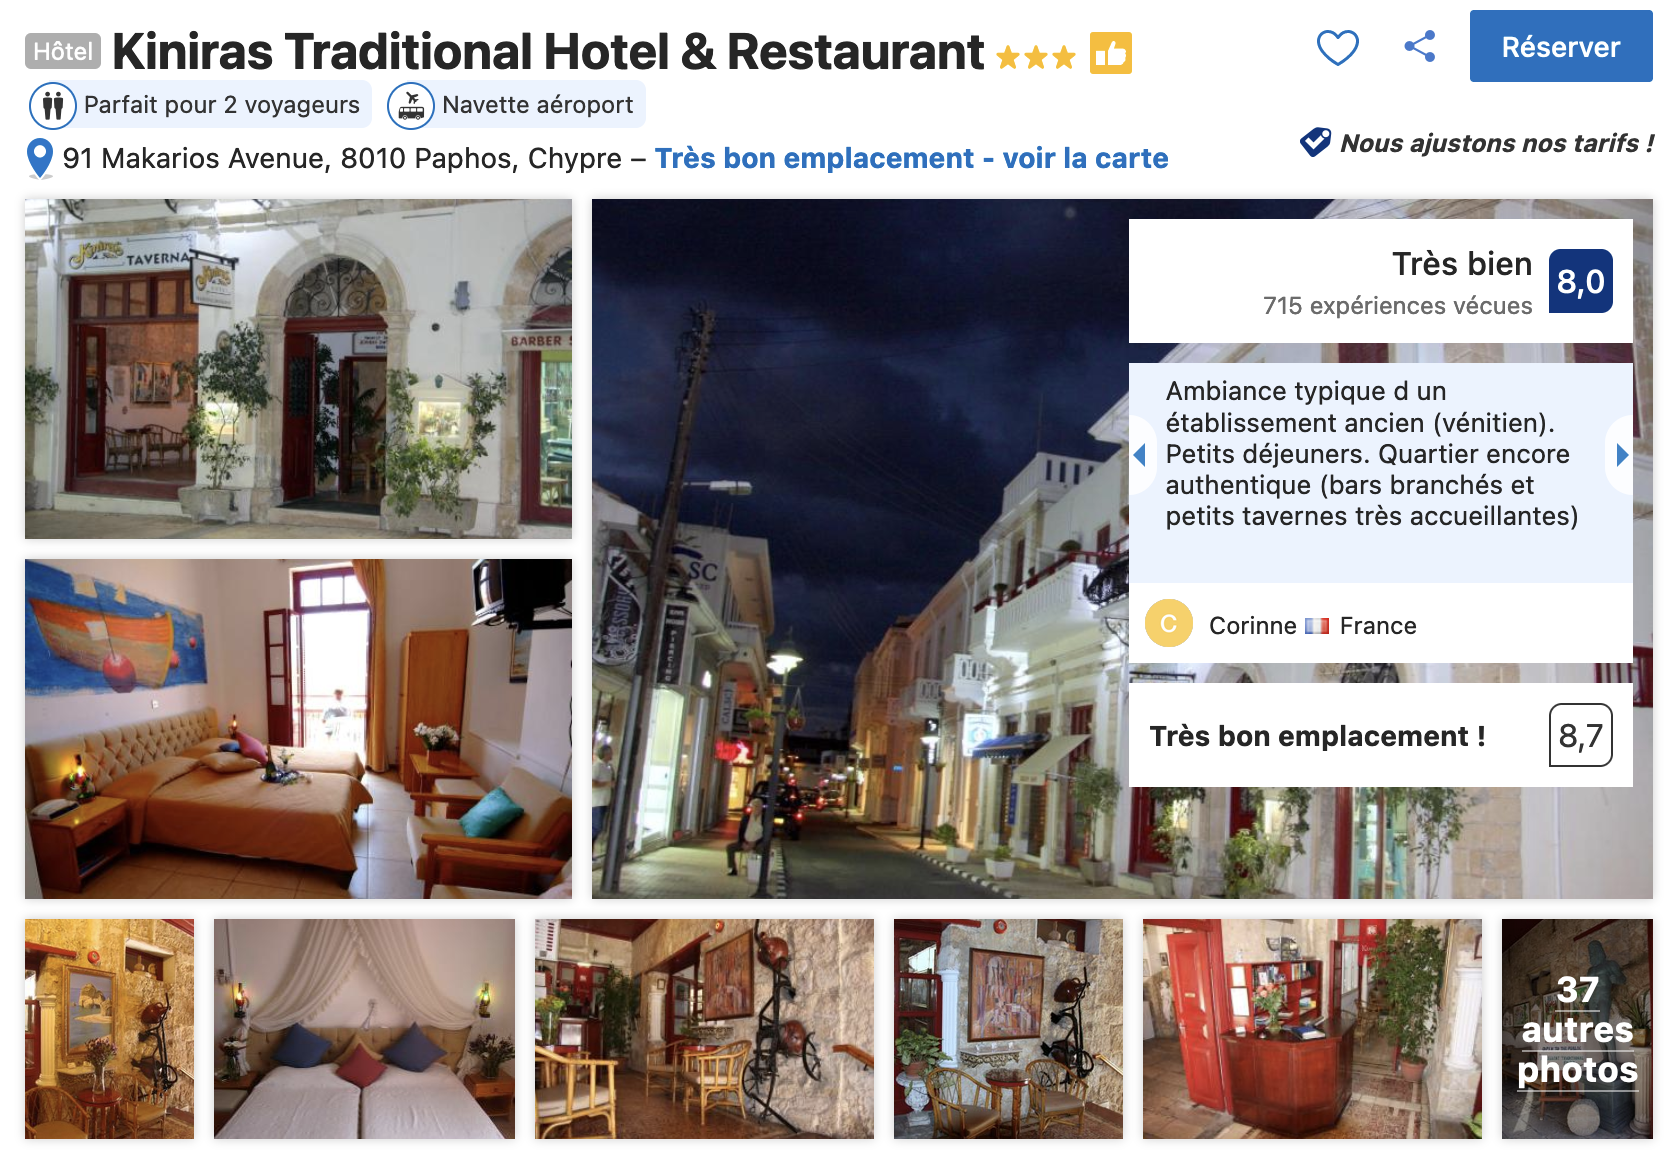 chypre-hotel-autenthique-proche-vieille-ville-paphos